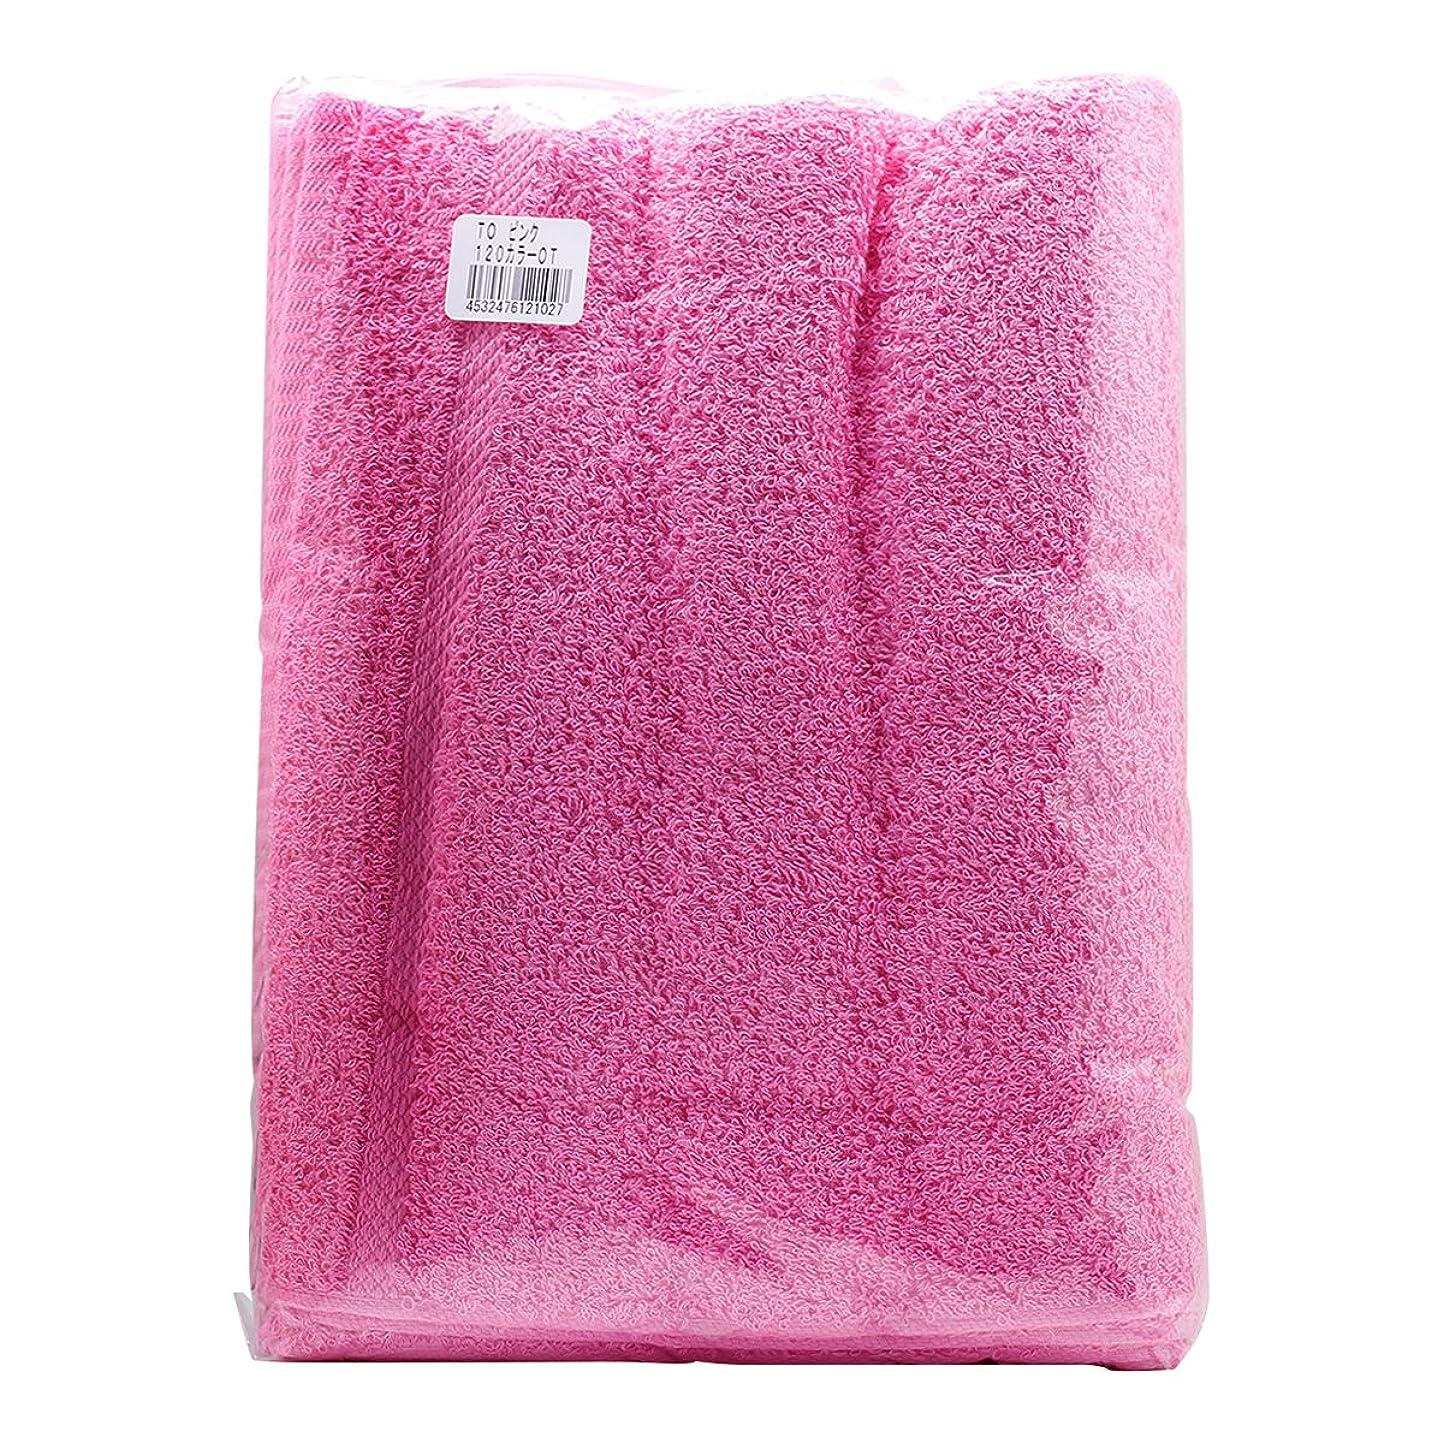 約設定解明破壊TO カラーおしぼり 120匁 (12枚入) ピンク